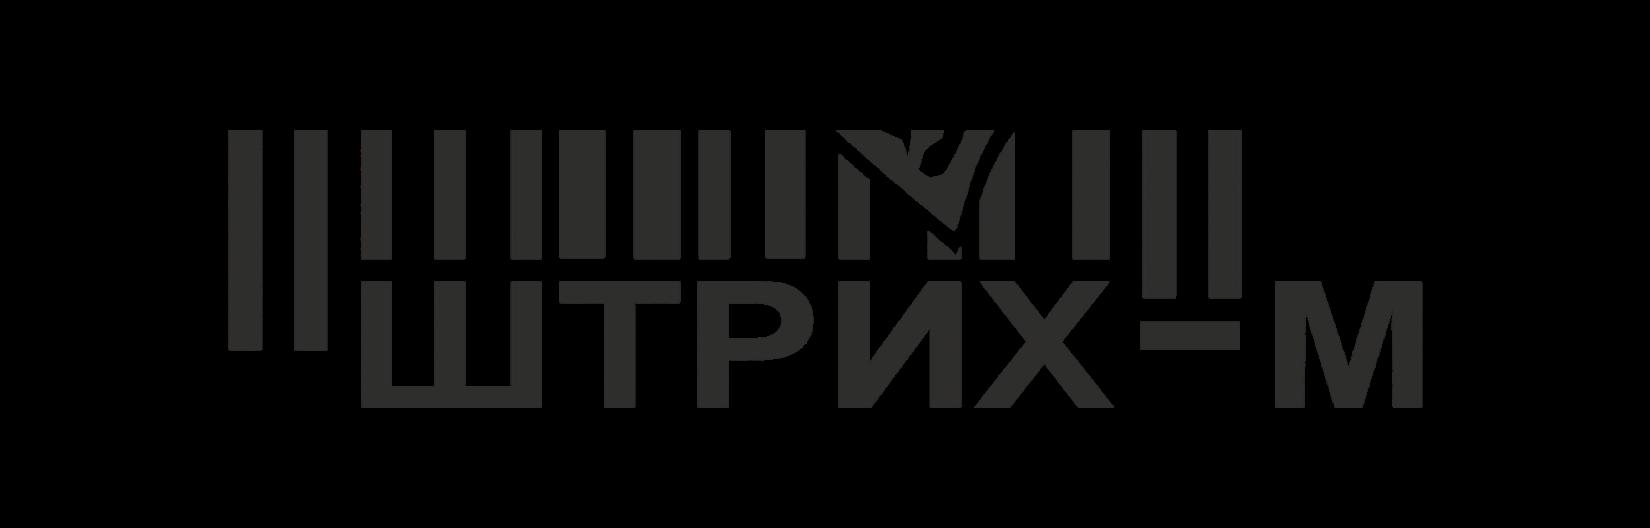 Штрих-М программа учета розничной торговли на платформе 1С в Волгограде